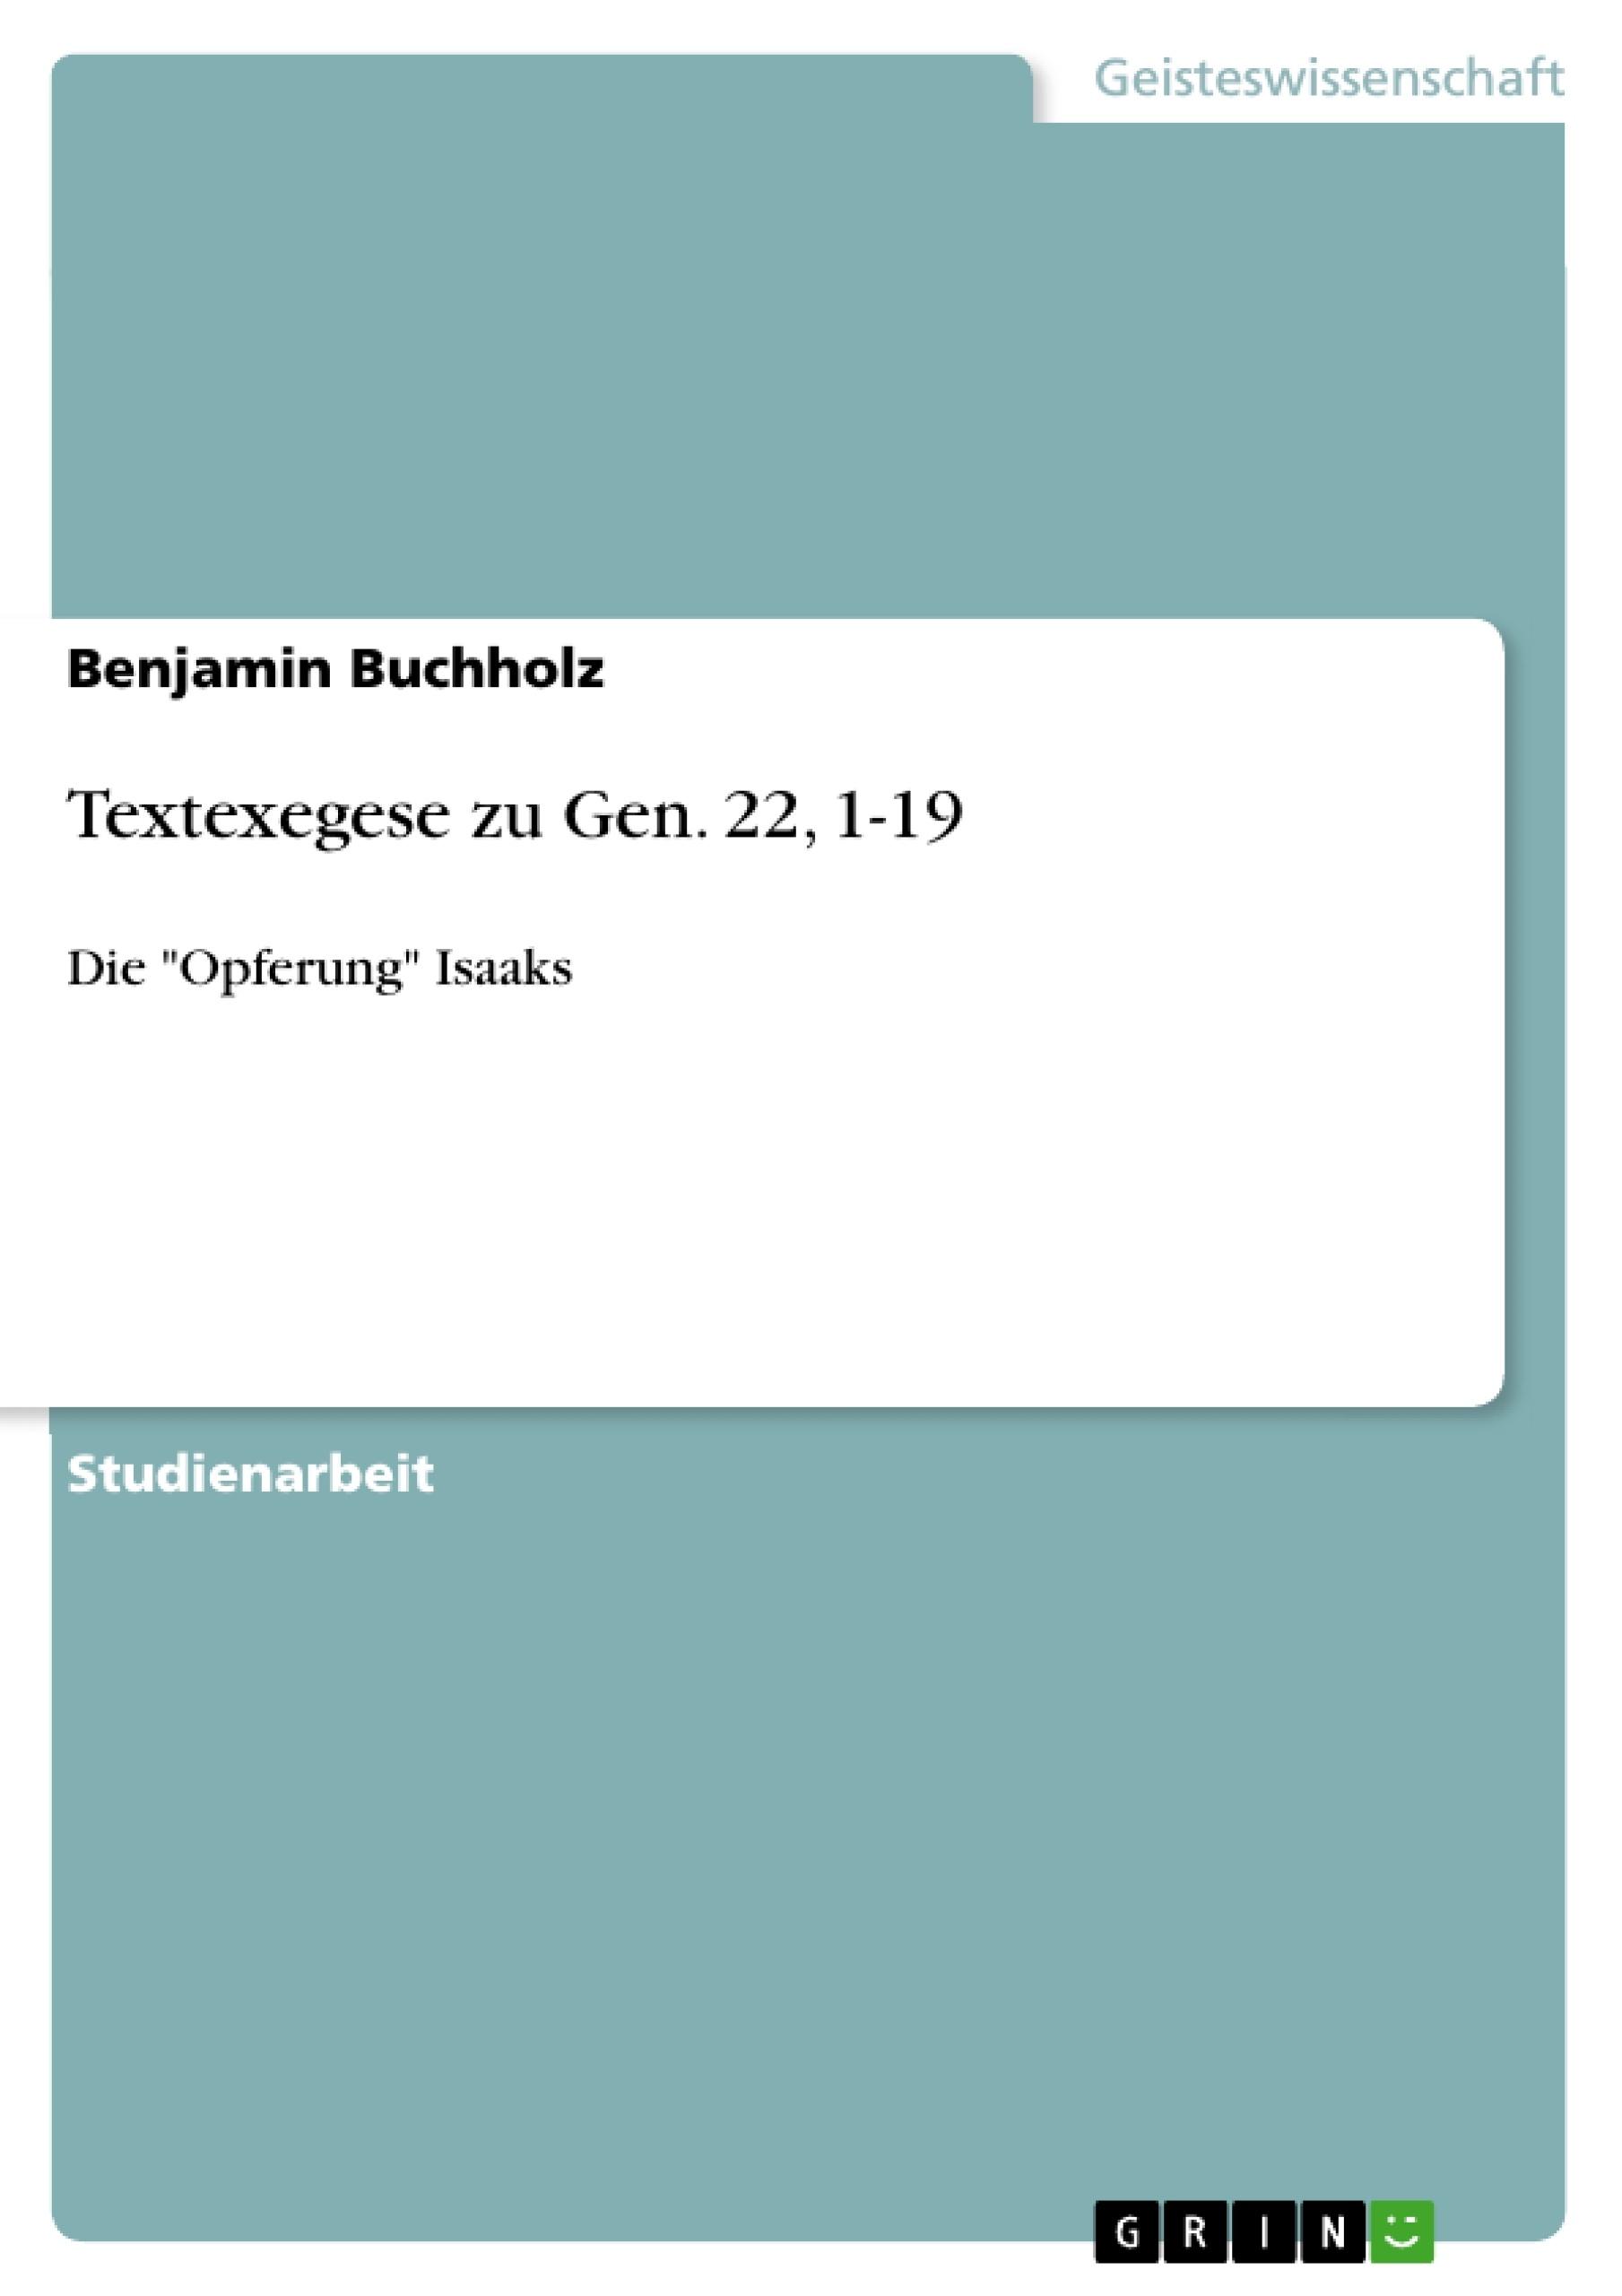 Titel: Textexegese zu Gen. 22, 1-19